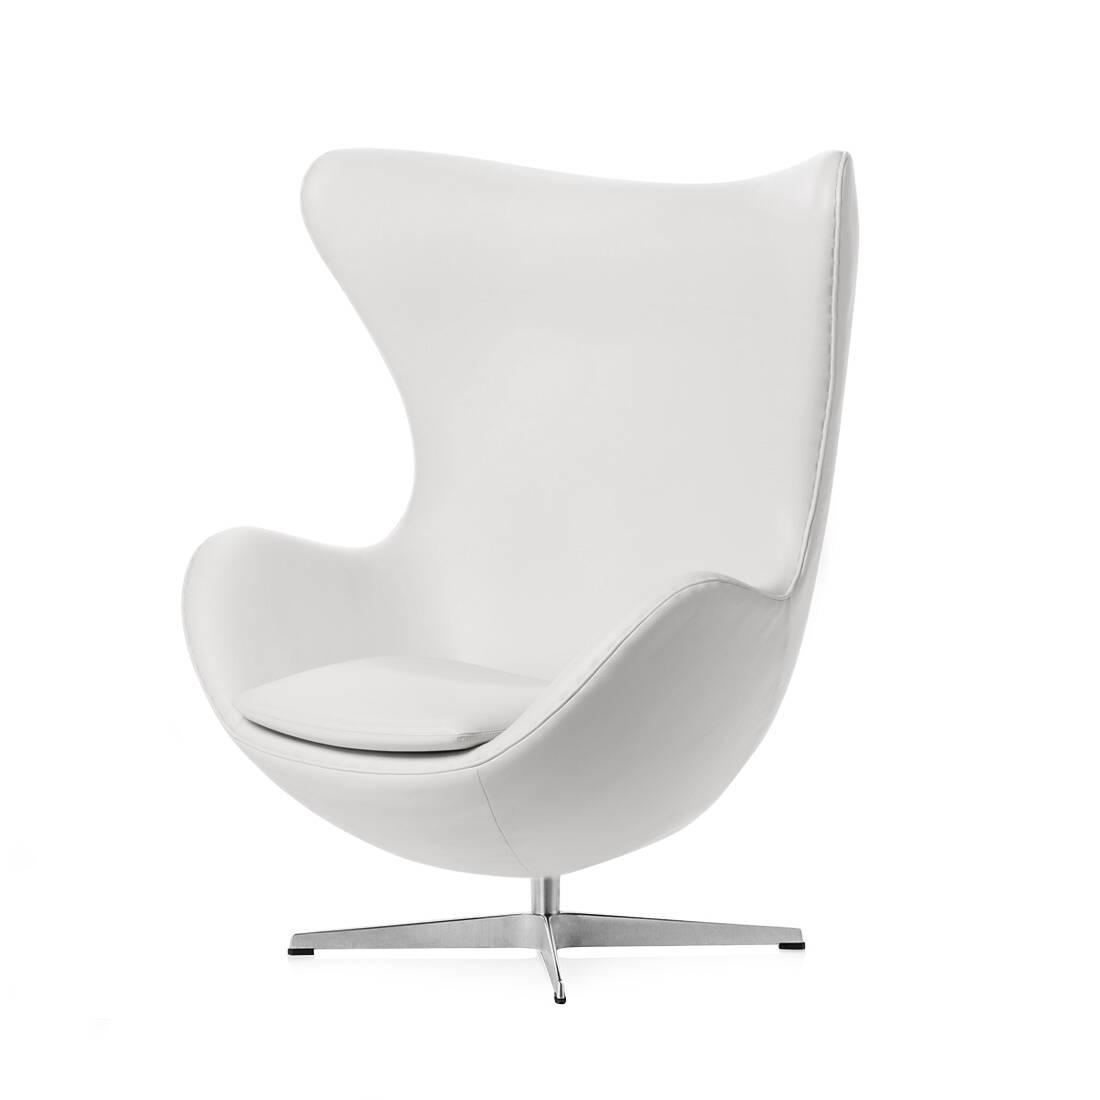 Кресло EggИнтерьерные<br>Дизайнерское комфортное кресло Egg (Эгг) в форме яйца на узкой ножке от Cosmo (Космо).<br><br><br> Кресло, своими очертаниями напоминающее яйцо, — одно из самых известных творений датского дизайнера Арне Якобсена. Вряд ли оно когда-нибудь выйдет из моды — уж слишком велик диапазон его интерьерных возможностей. Кроме того, обыгрывать данную форму помогают различные фактуры и цвета обивок.<br><br><br> Особенно приятно и солидно смотрится оригинальное кресло Egg в обивке из натуральной кожи, представлен...<br><br>stock: 1<br>Высота: 105,5<br>Высота сиденья: 41<br>Ширина: 87<br>Глубина: 82<br>Цвет ножек: Хром<br>Коллекция ткани: Premium Leather<br>Тип материала обивки: Кожа<br>Тип материала ножек: Алюминий<br>Цвет обивки: Белый